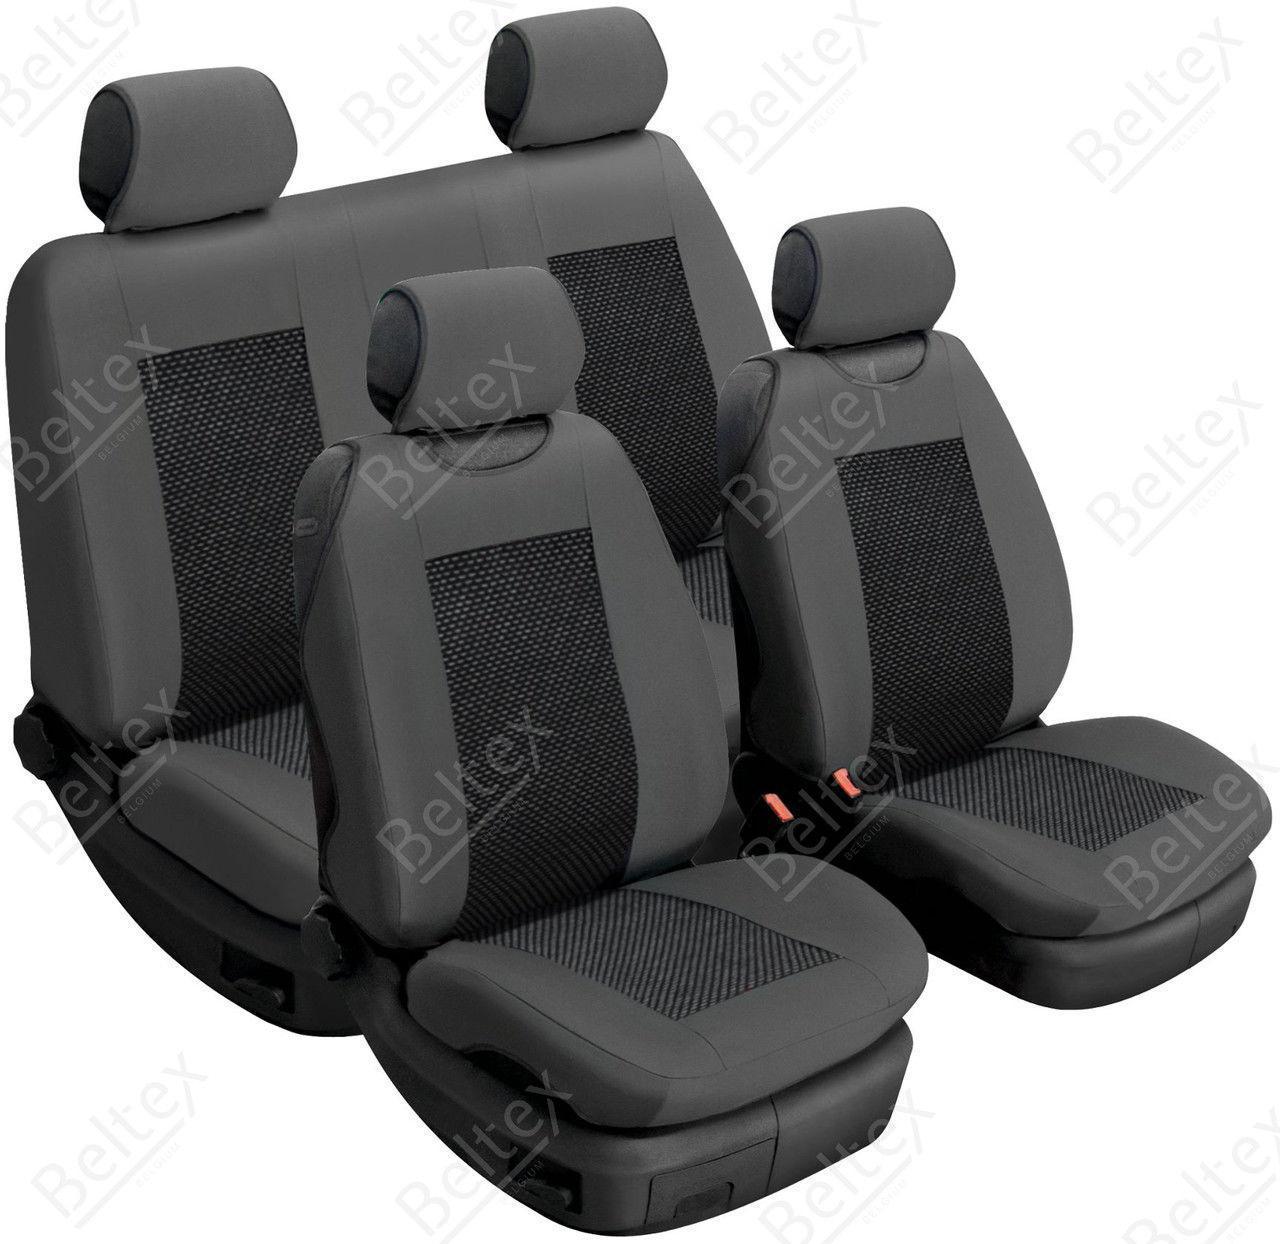 Майки/чехлы на сиденья БМВ Е38 (BMW E38)